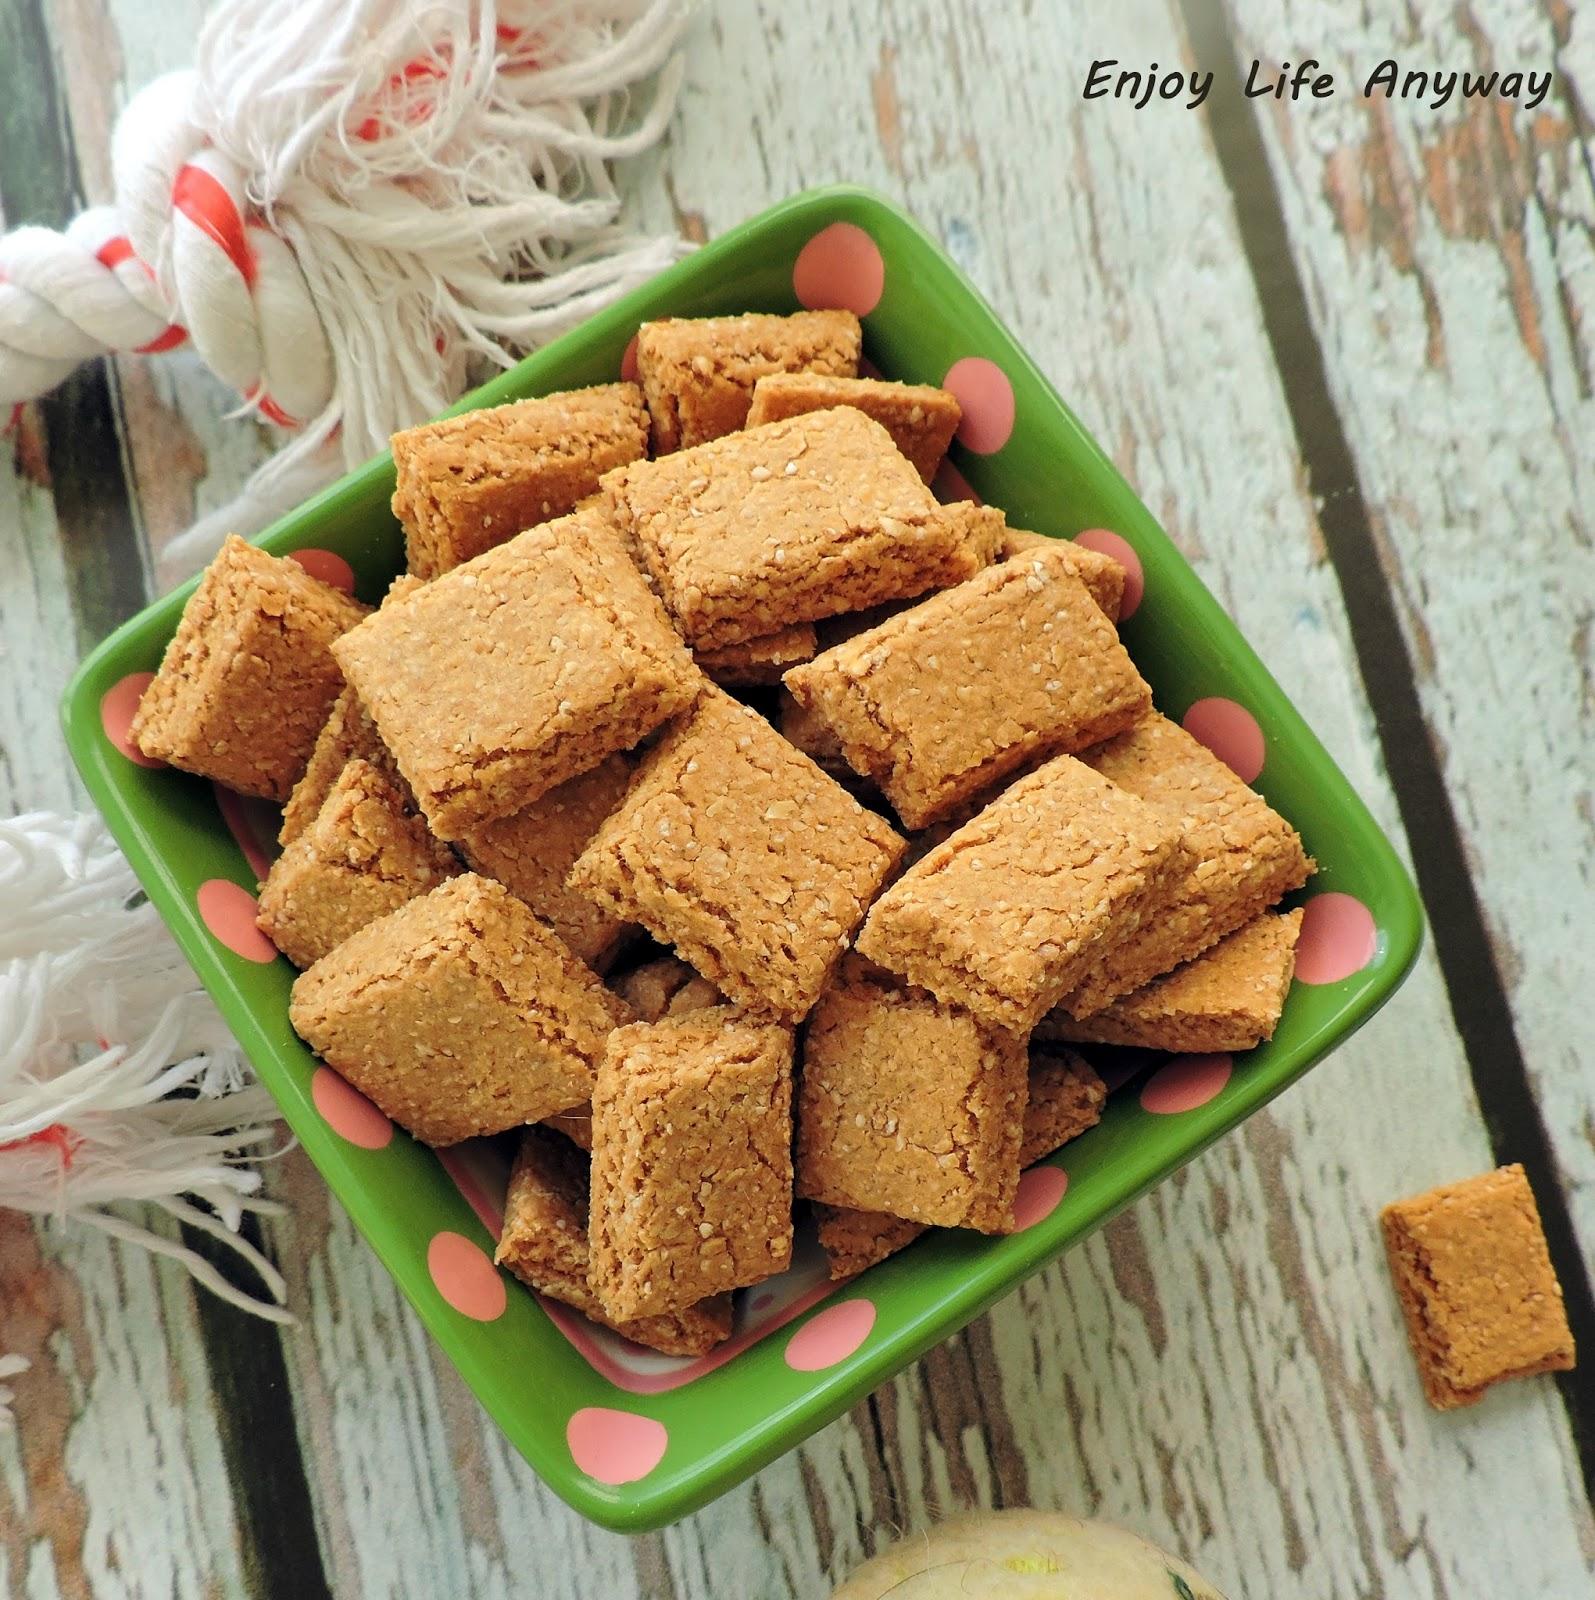 Enjoy Life Anyway Homemade Oatmeal Tuna Dog Treat Recipe